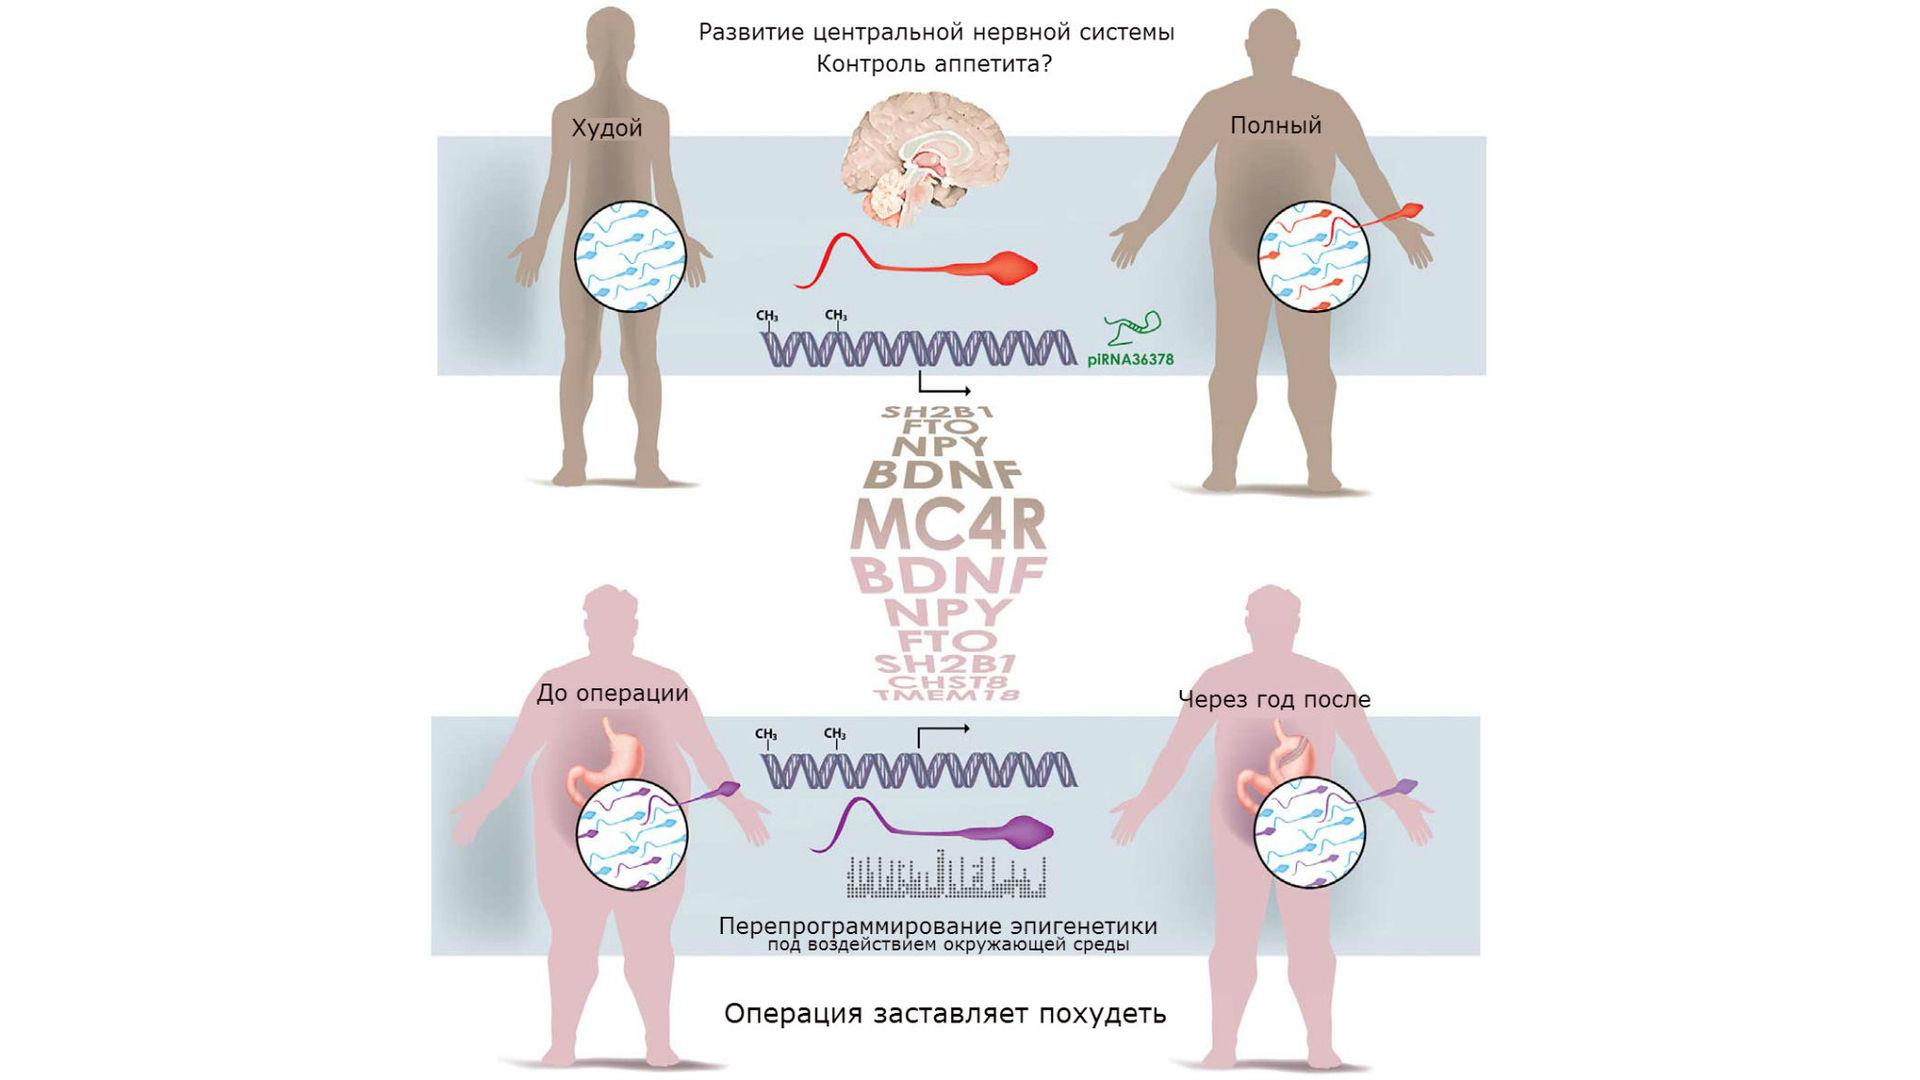 Качество спермы у мужчин с лишним весом